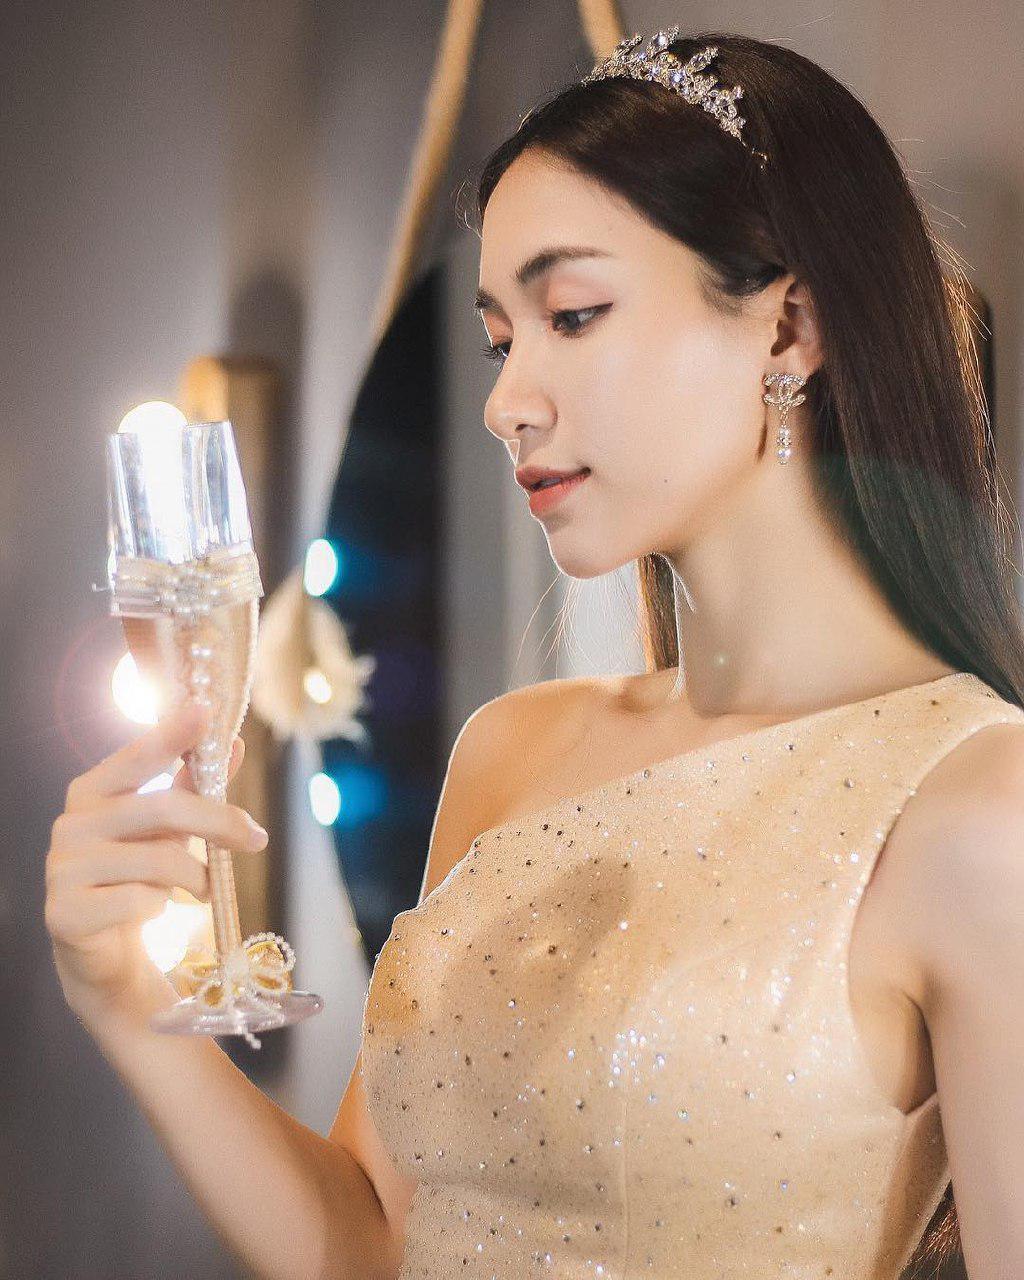 Hòa Minzy gây tranh cãi vì quá gay gắt trước lời khuyên chân thành của fan 2